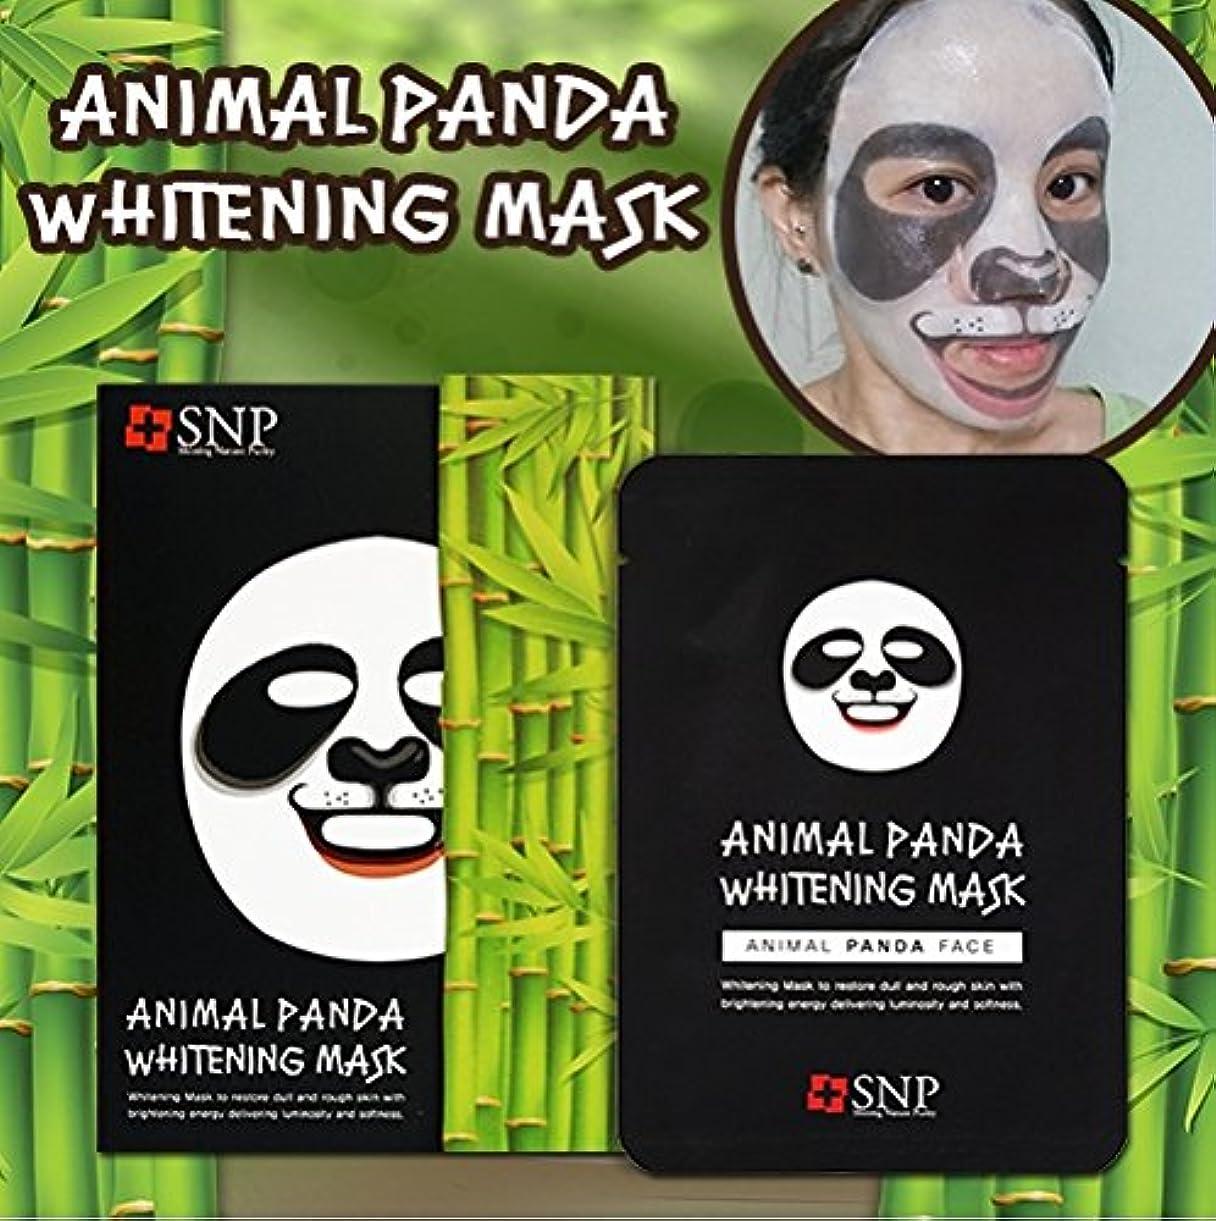 楽しむ私たち自身それから(SNP)アニマルパンダホワイトニングマスク 灰色がかった肌色の改善10本入[並行輸入品]SNP Animal Panda Whitening Face Mask Pack x10EA